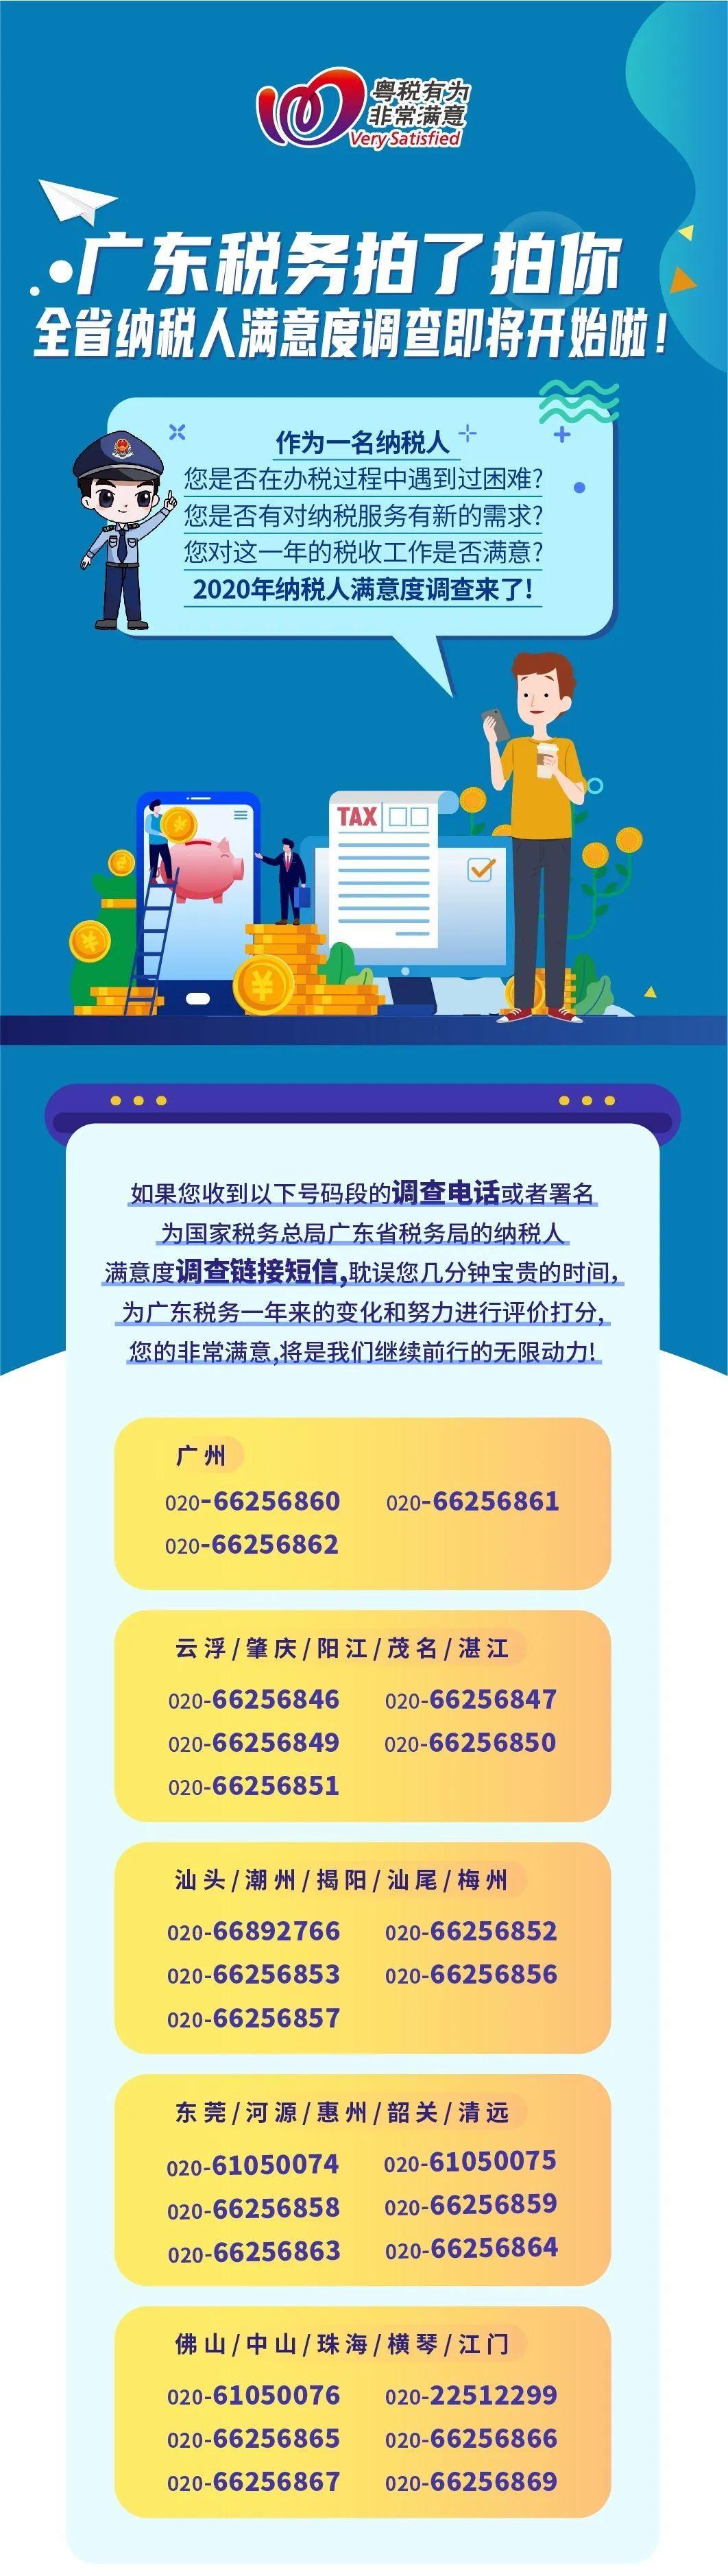 东莞税务@您,2020年广东省纳税人满意度调查开始啦